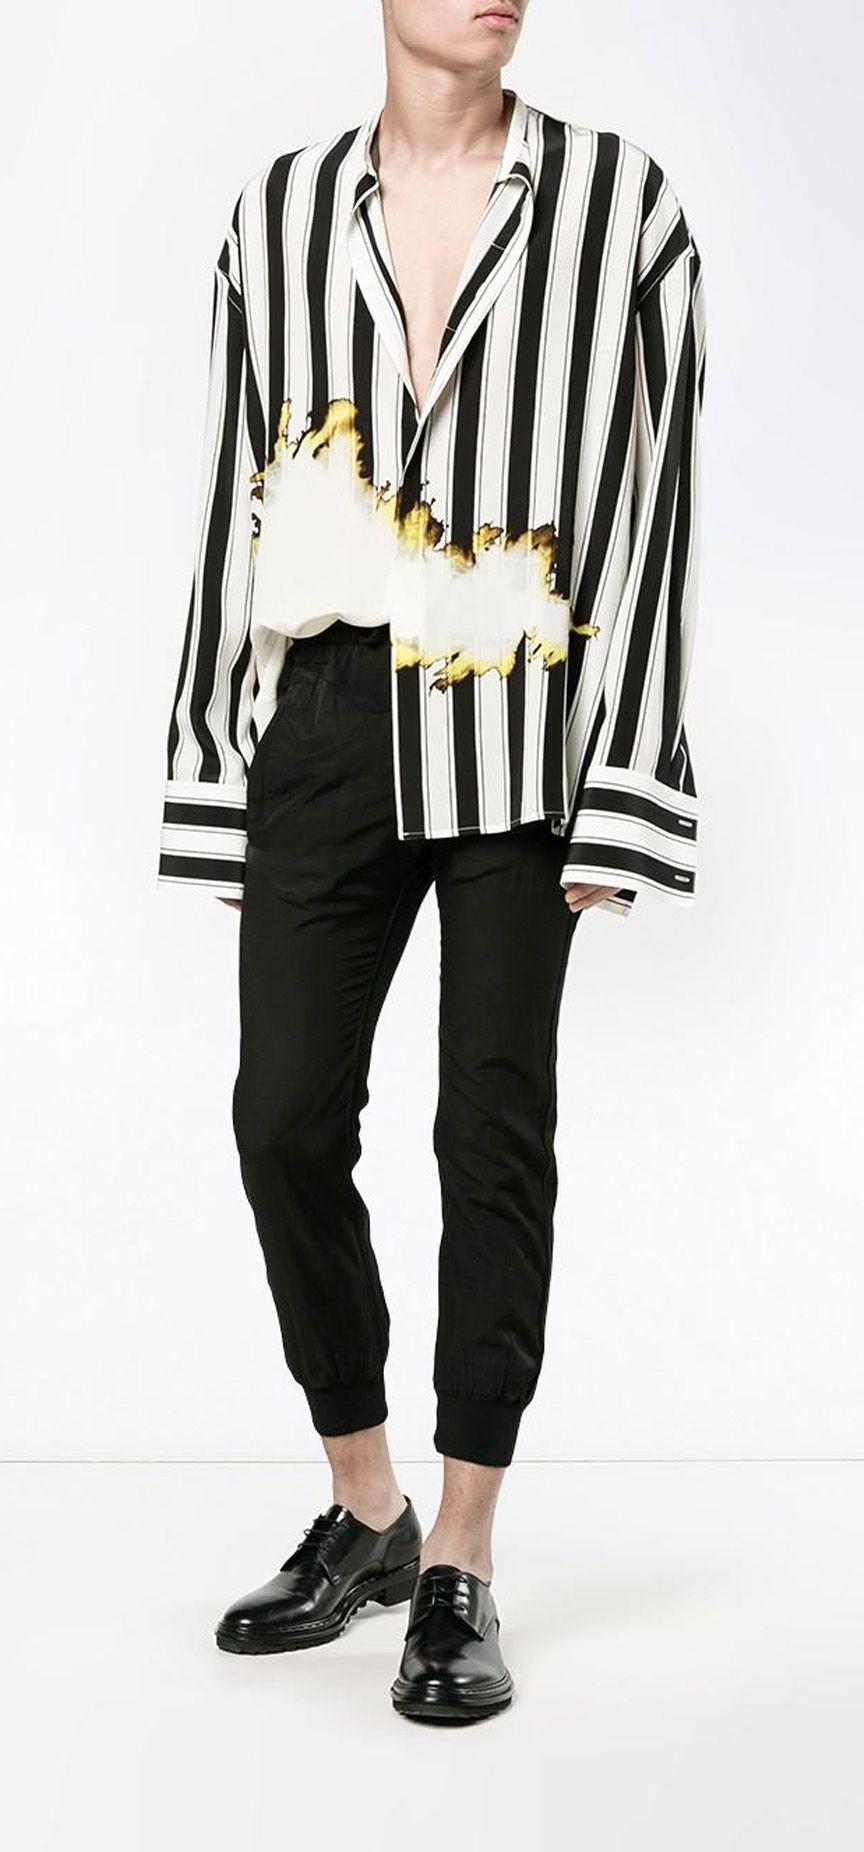 a710477df9 HAIDER ACKERMANN bleach and stripe print shirt, explore new season arrivals  on Farfetch.